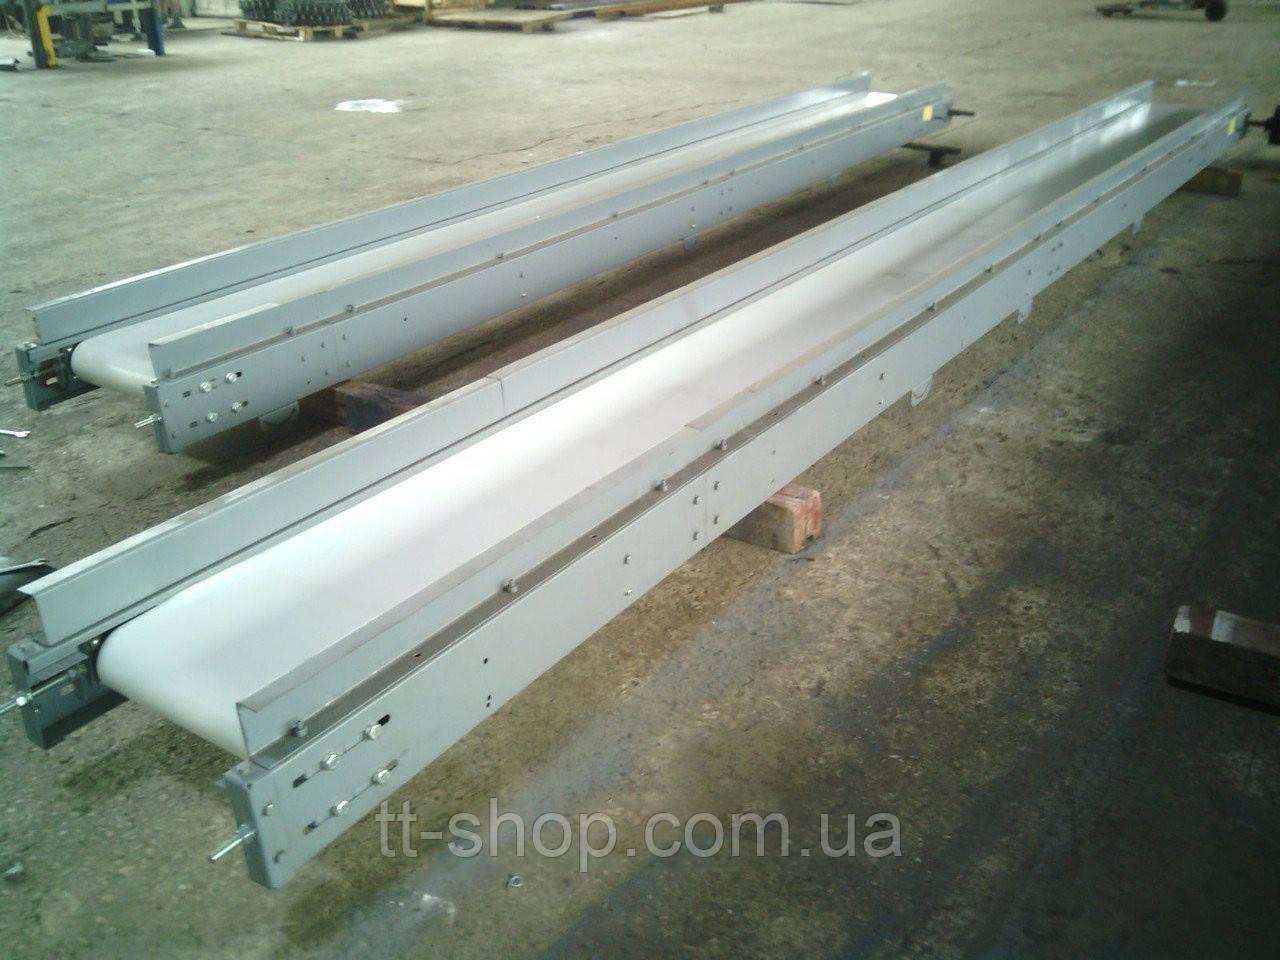 Ленточный конвейер ширина 200 мм 10 метров мотор-редуктор 0,75 кВт